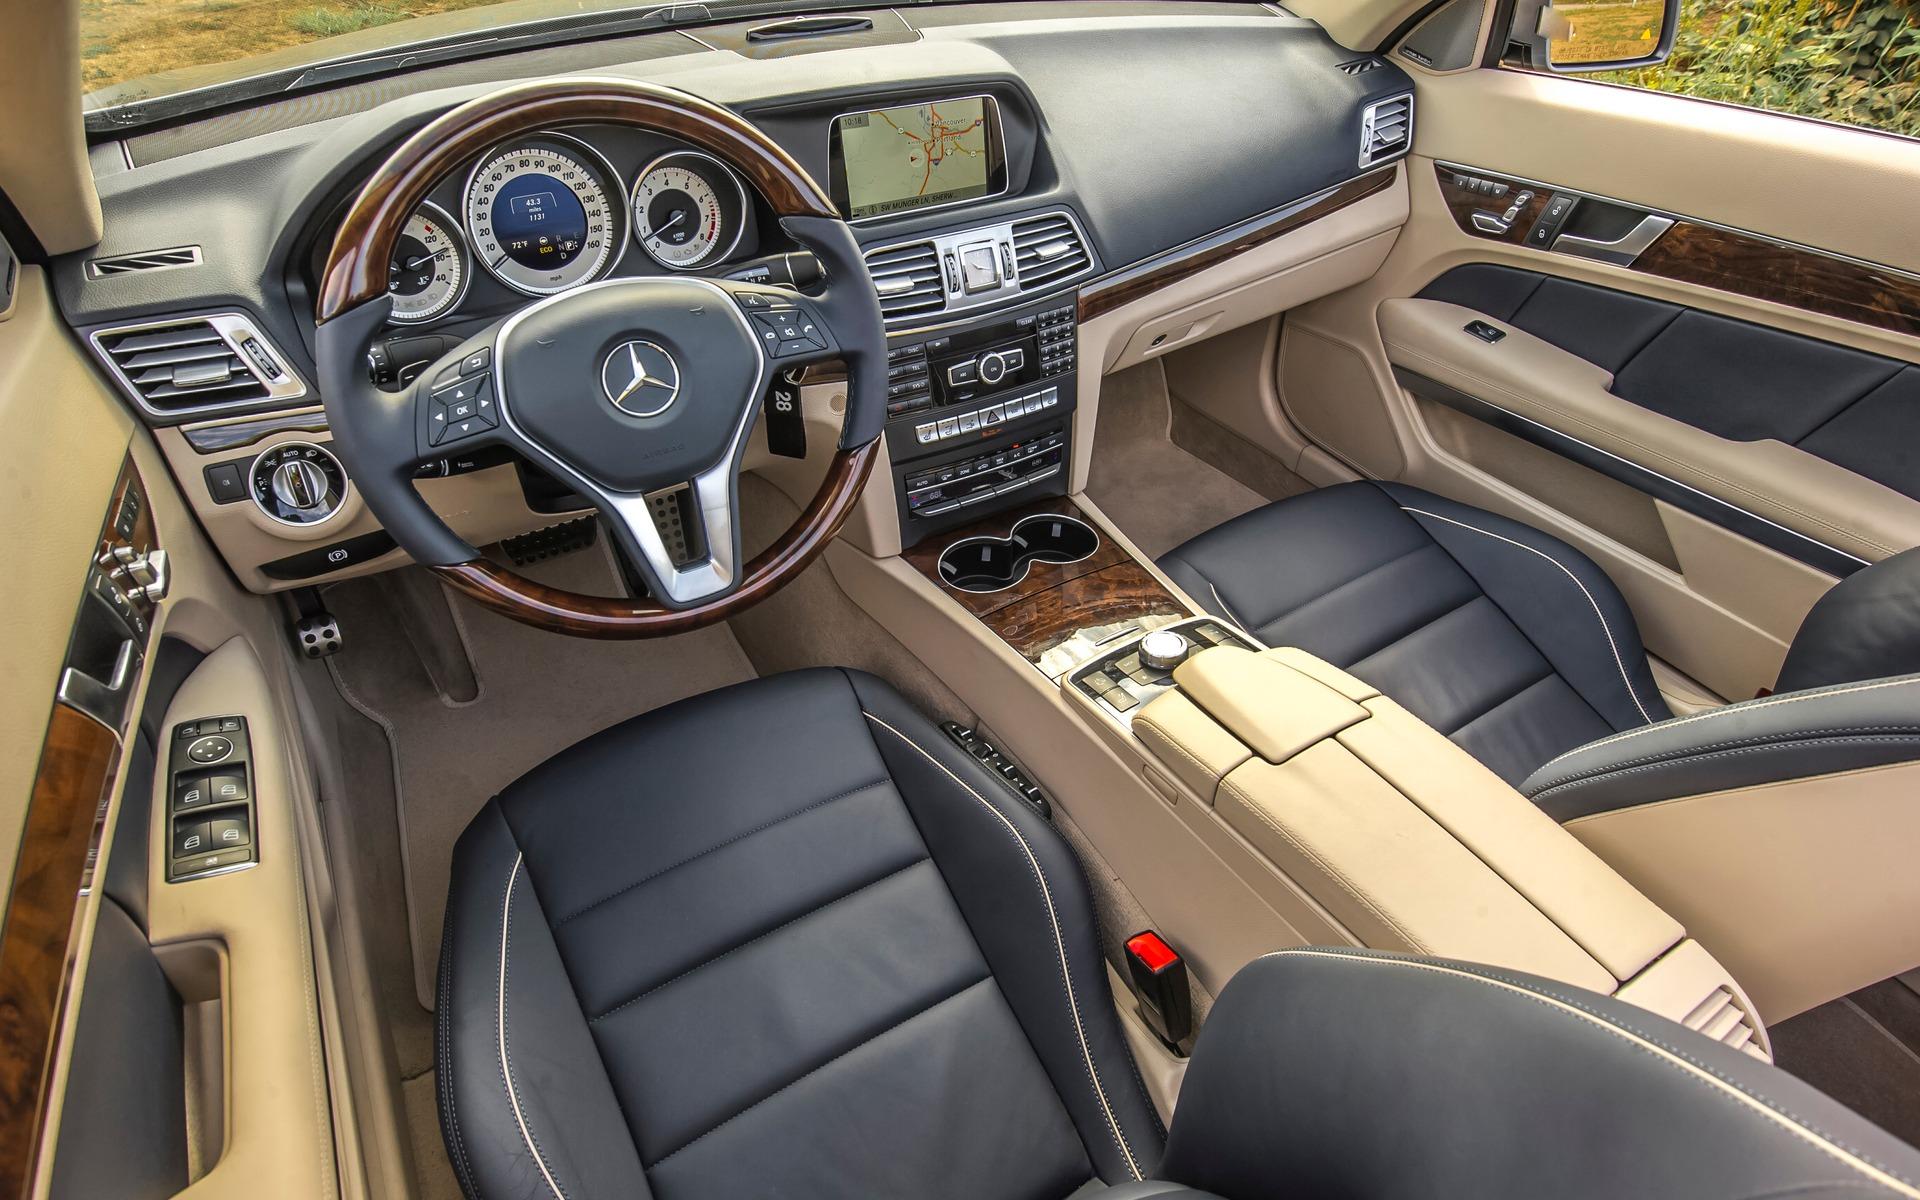 2016 Mercedes Benz E Class Photos 6 6 The Car Guide